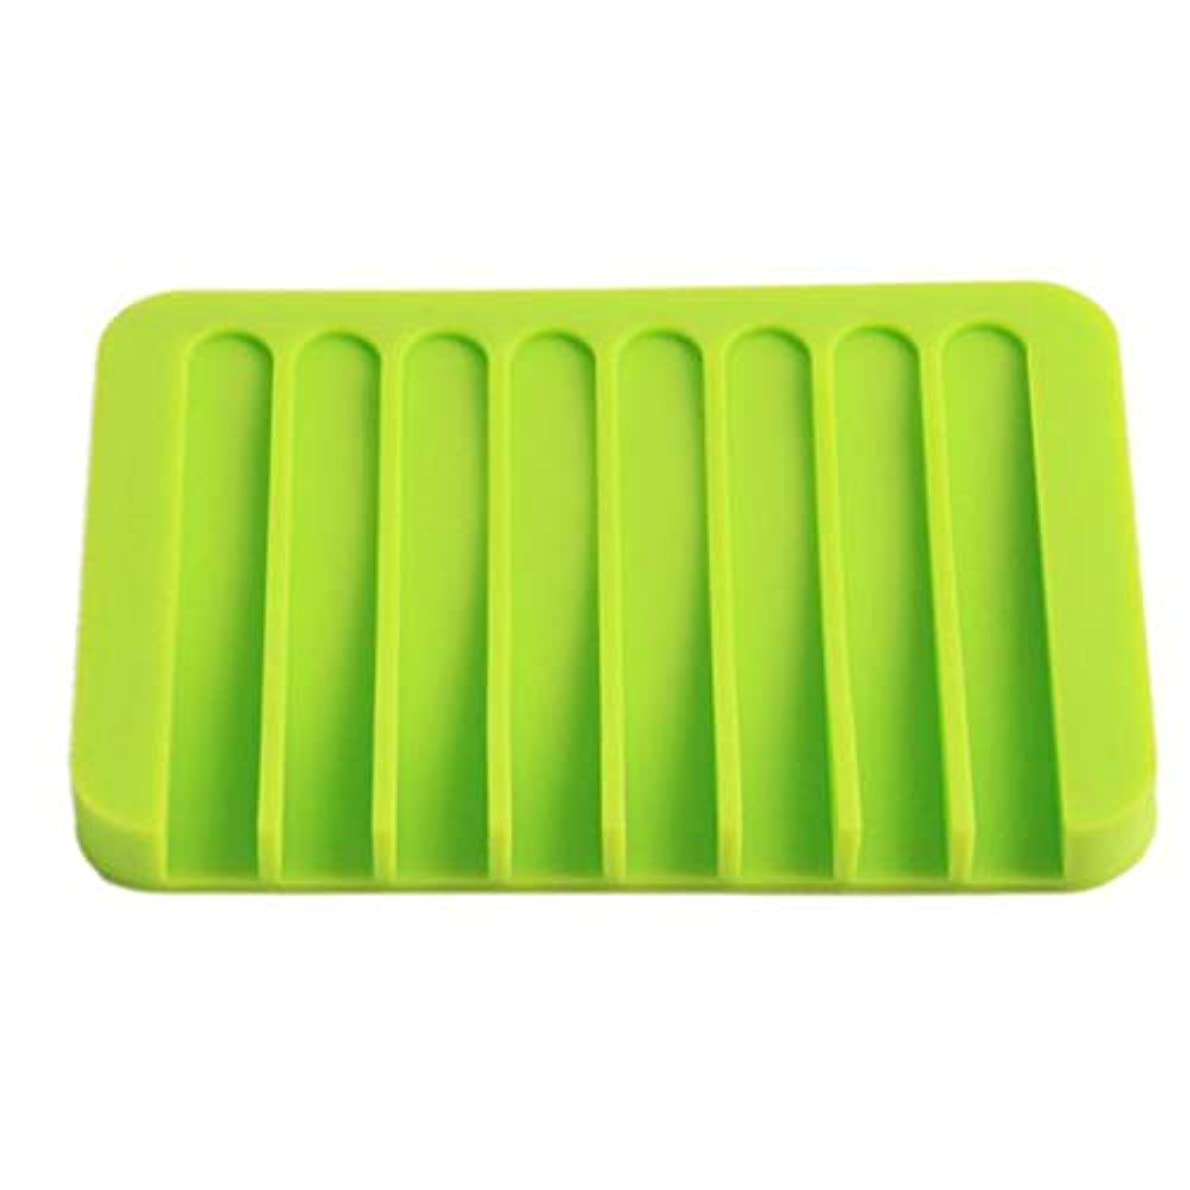 クローゼット何故なのモノグラフOnior プレミアム品質のシリコーン浴室柔軟な石鹸皿ソープホルダー収納ソープボックスプレートトレイ排水、グリーン